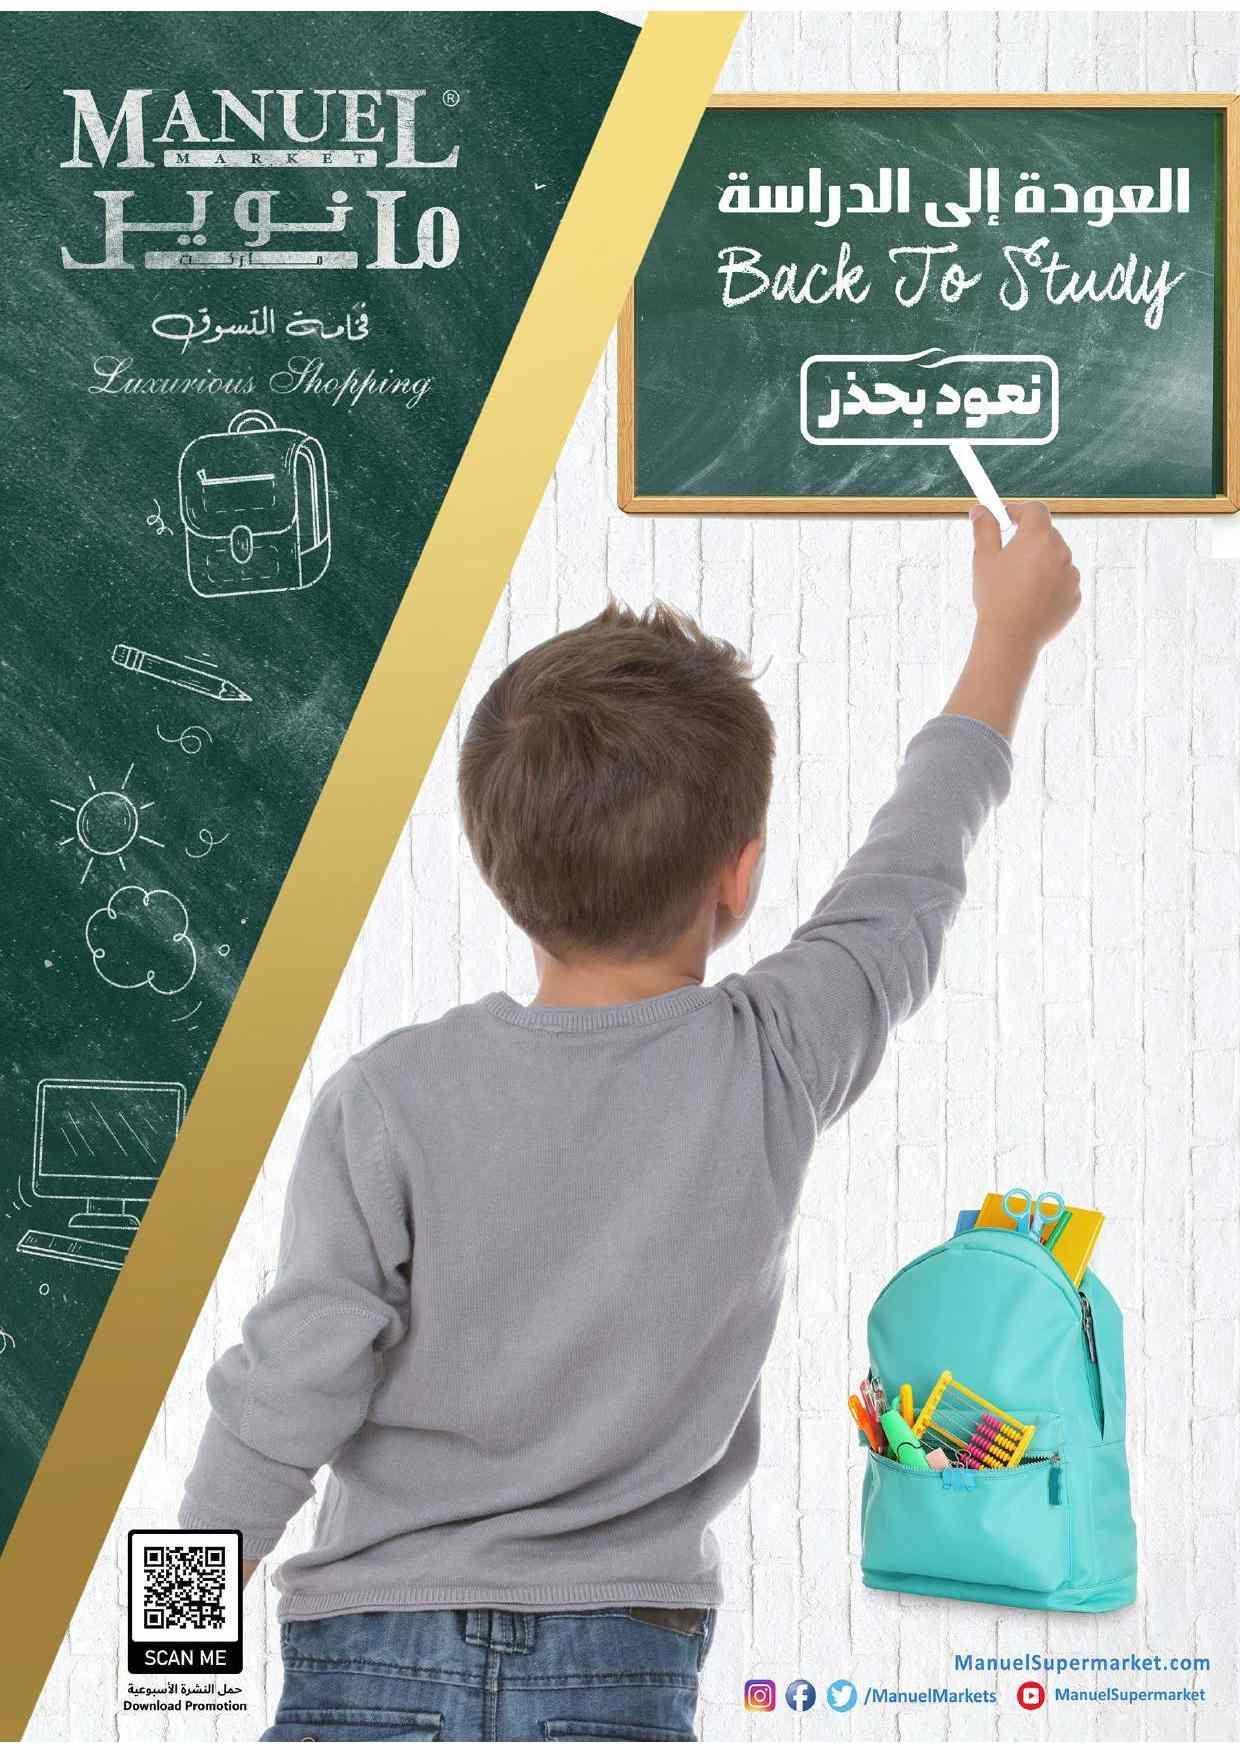 عروض مانويل الرياض اليوم 9 سبتمبر حتى 15 سبتمبر 2020 العودة الى الدراسة